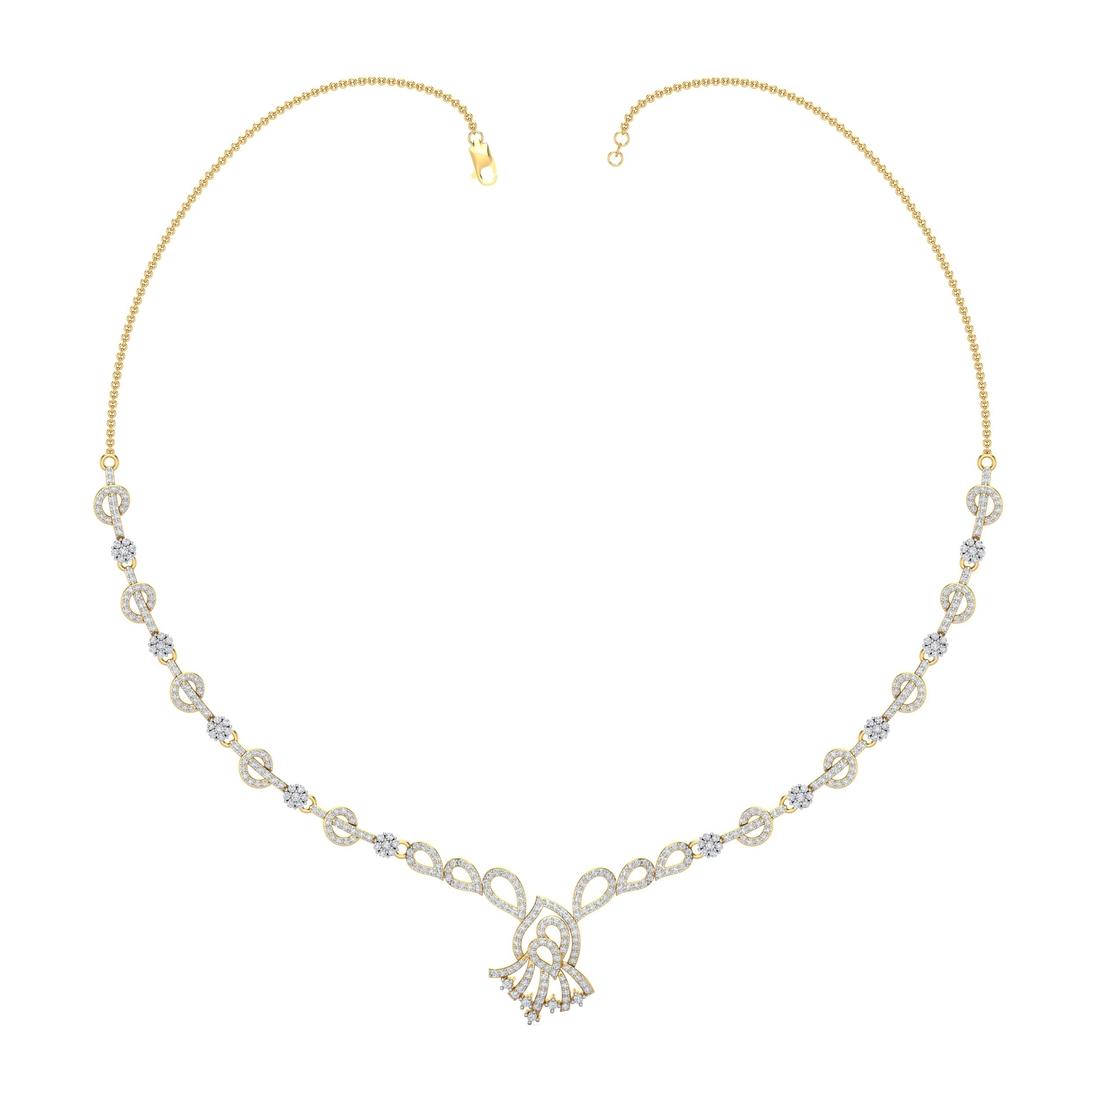 Arkina Diamond's Stylish glowly necklace